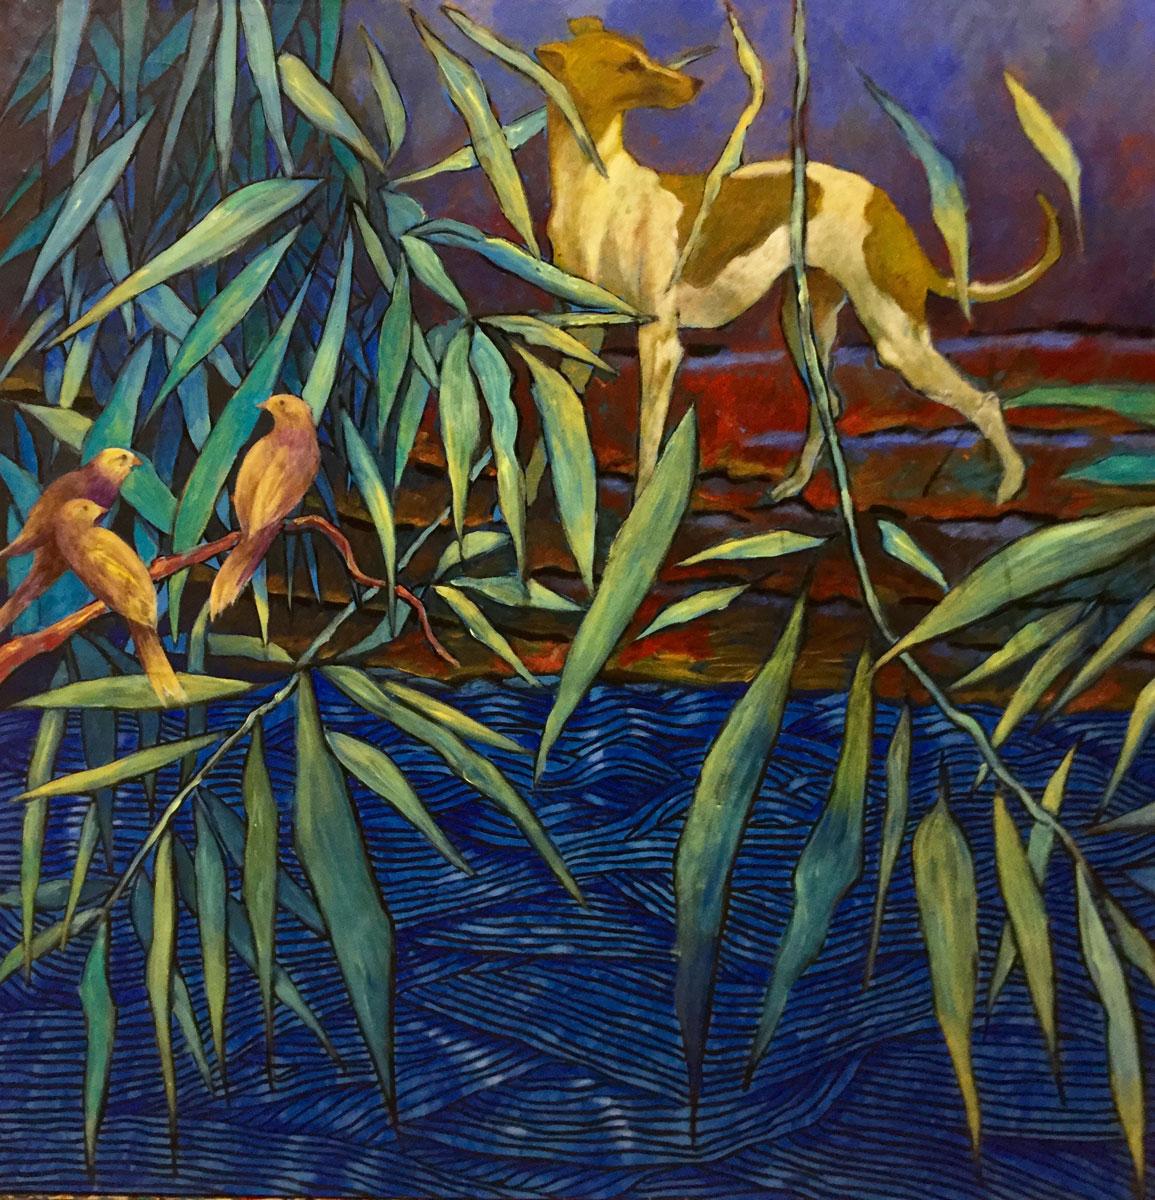 Chien au bord de la rivière - Technique mixte sur toile - 75 cm x 73 cm